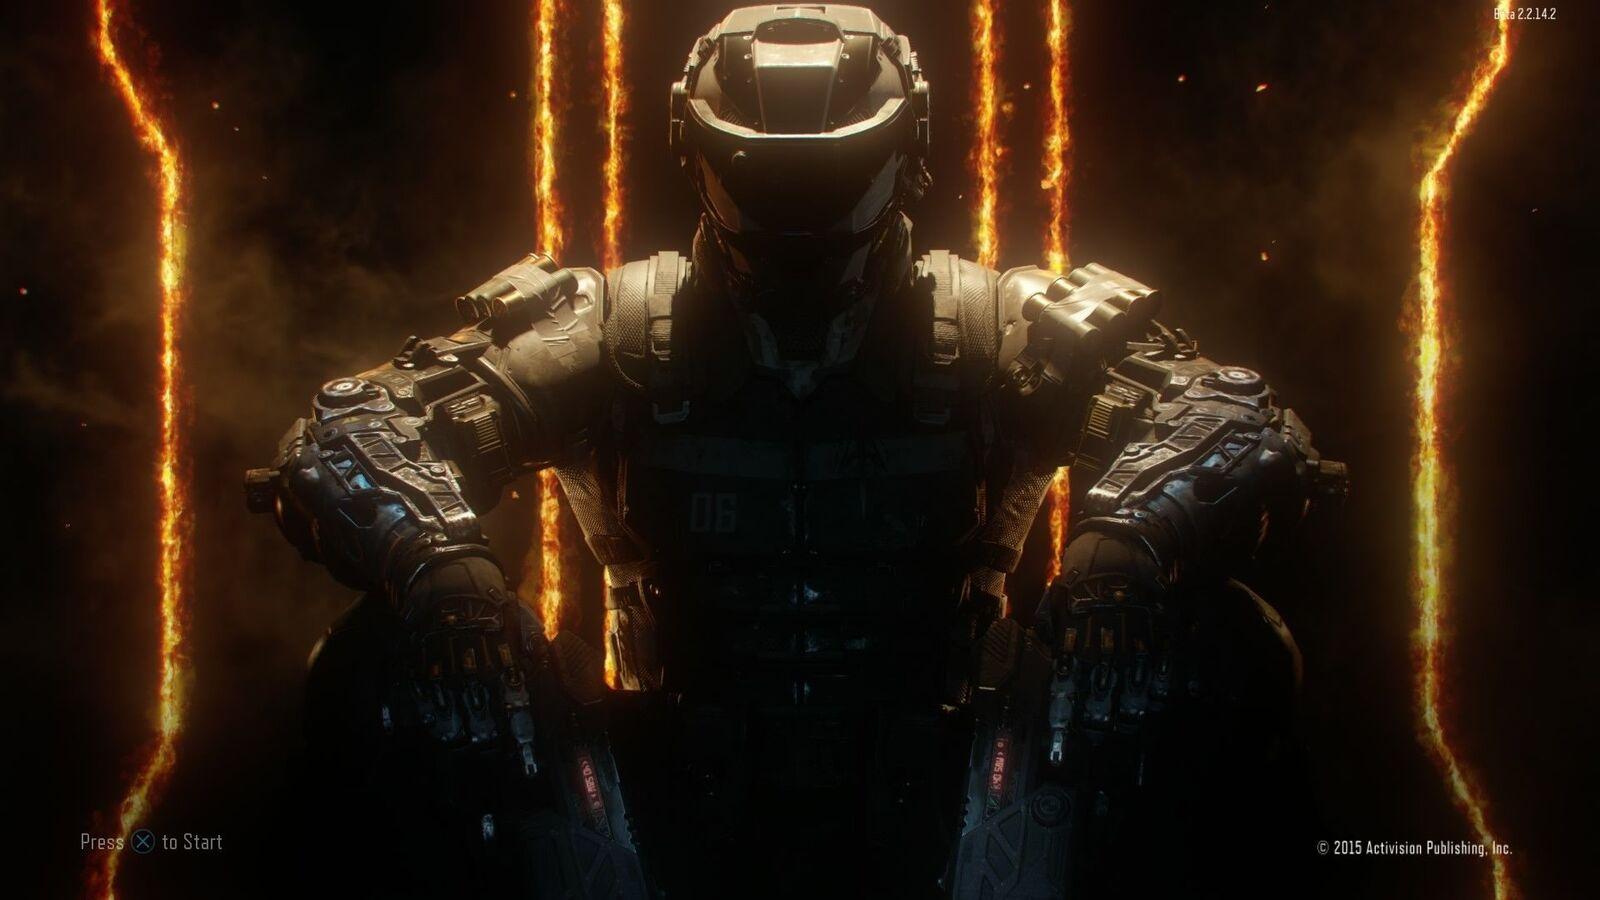 خلفيات لعبة Call Of Duty Black Ops 2 صور لعبة كول اوف ديوتي بلاك اوبس 2 بجودة عالية صقور الإبدآع